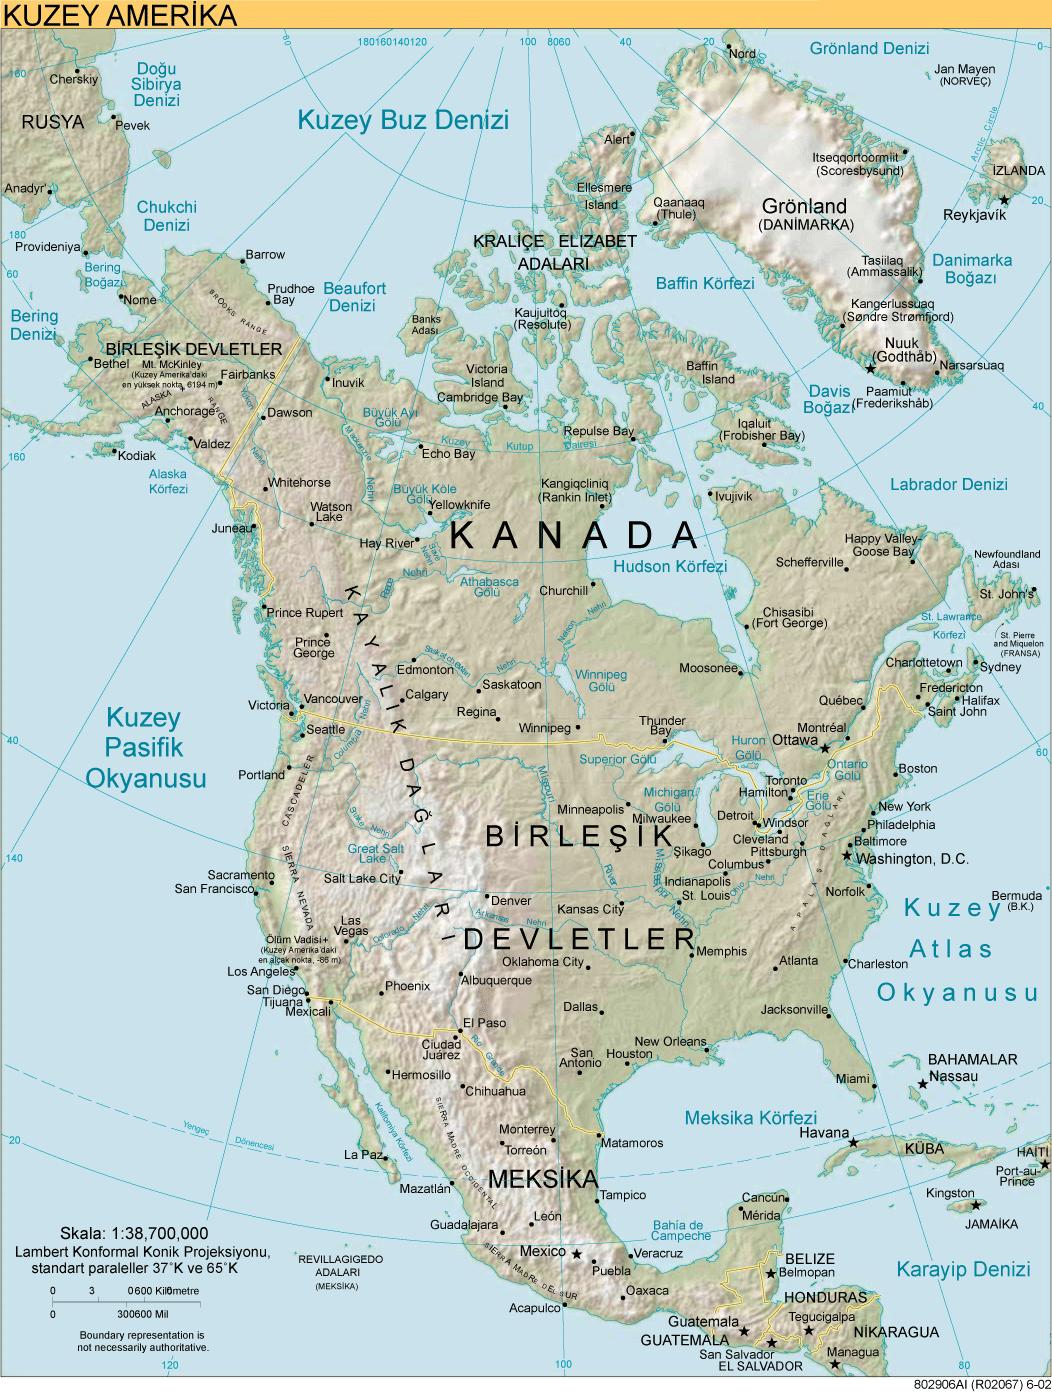 kuzey_amerika_haritasi.png